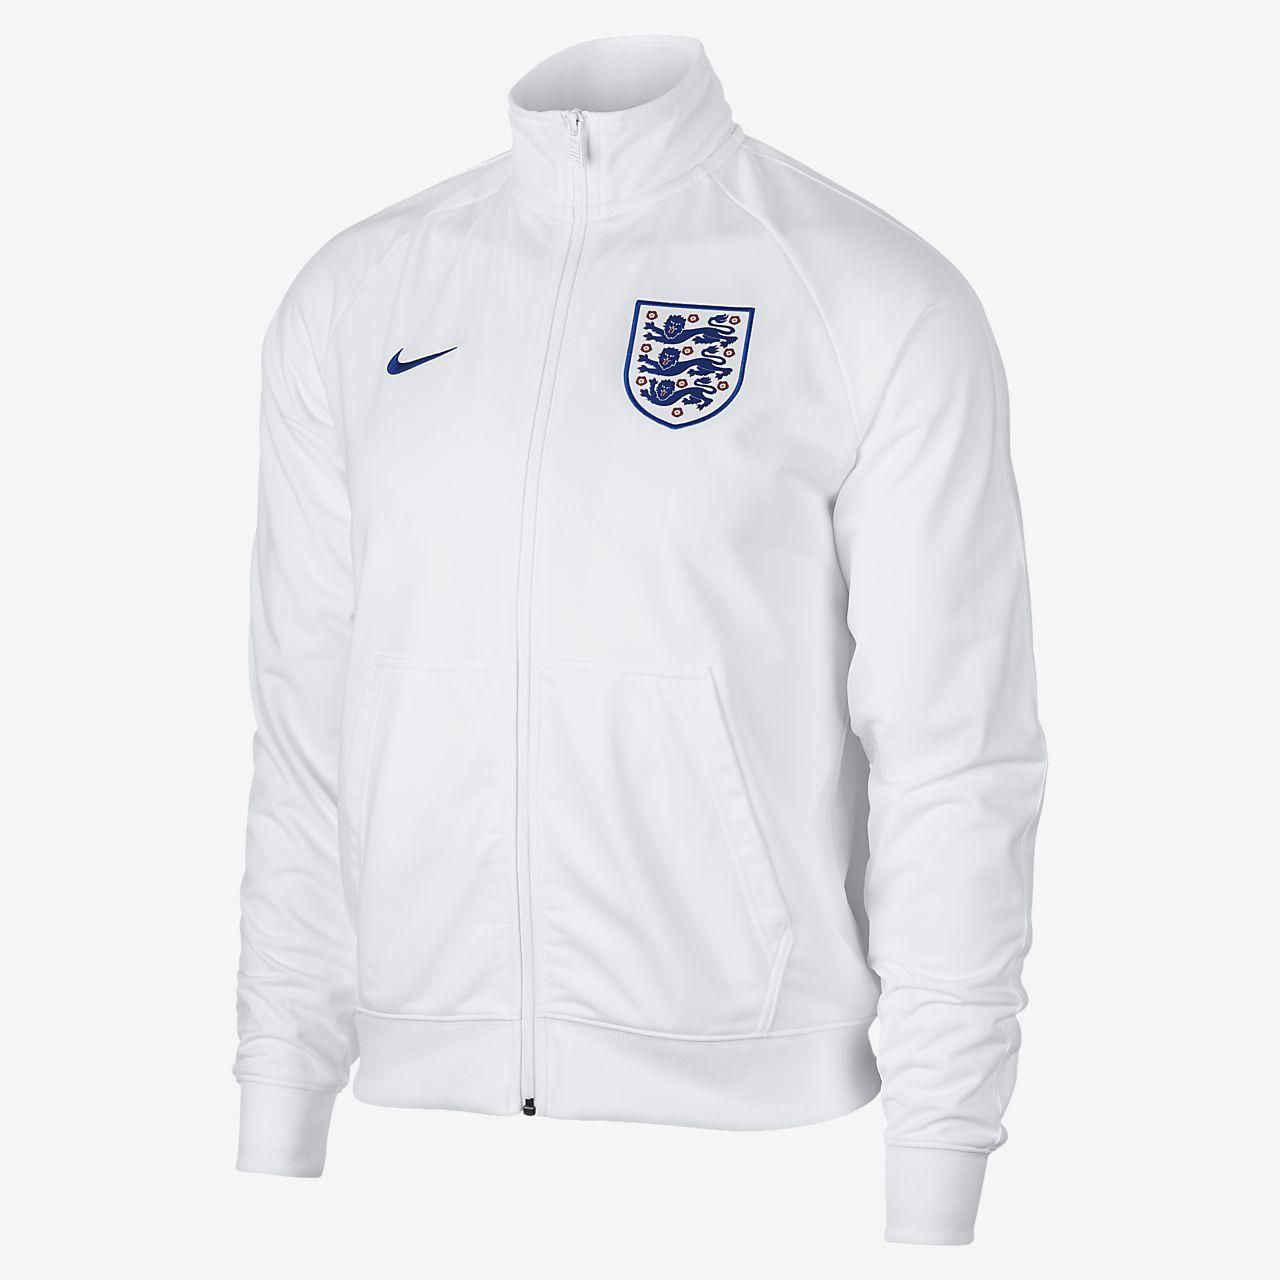 e522eeae3d46 England Men s Track Jacket. Nike.com GB